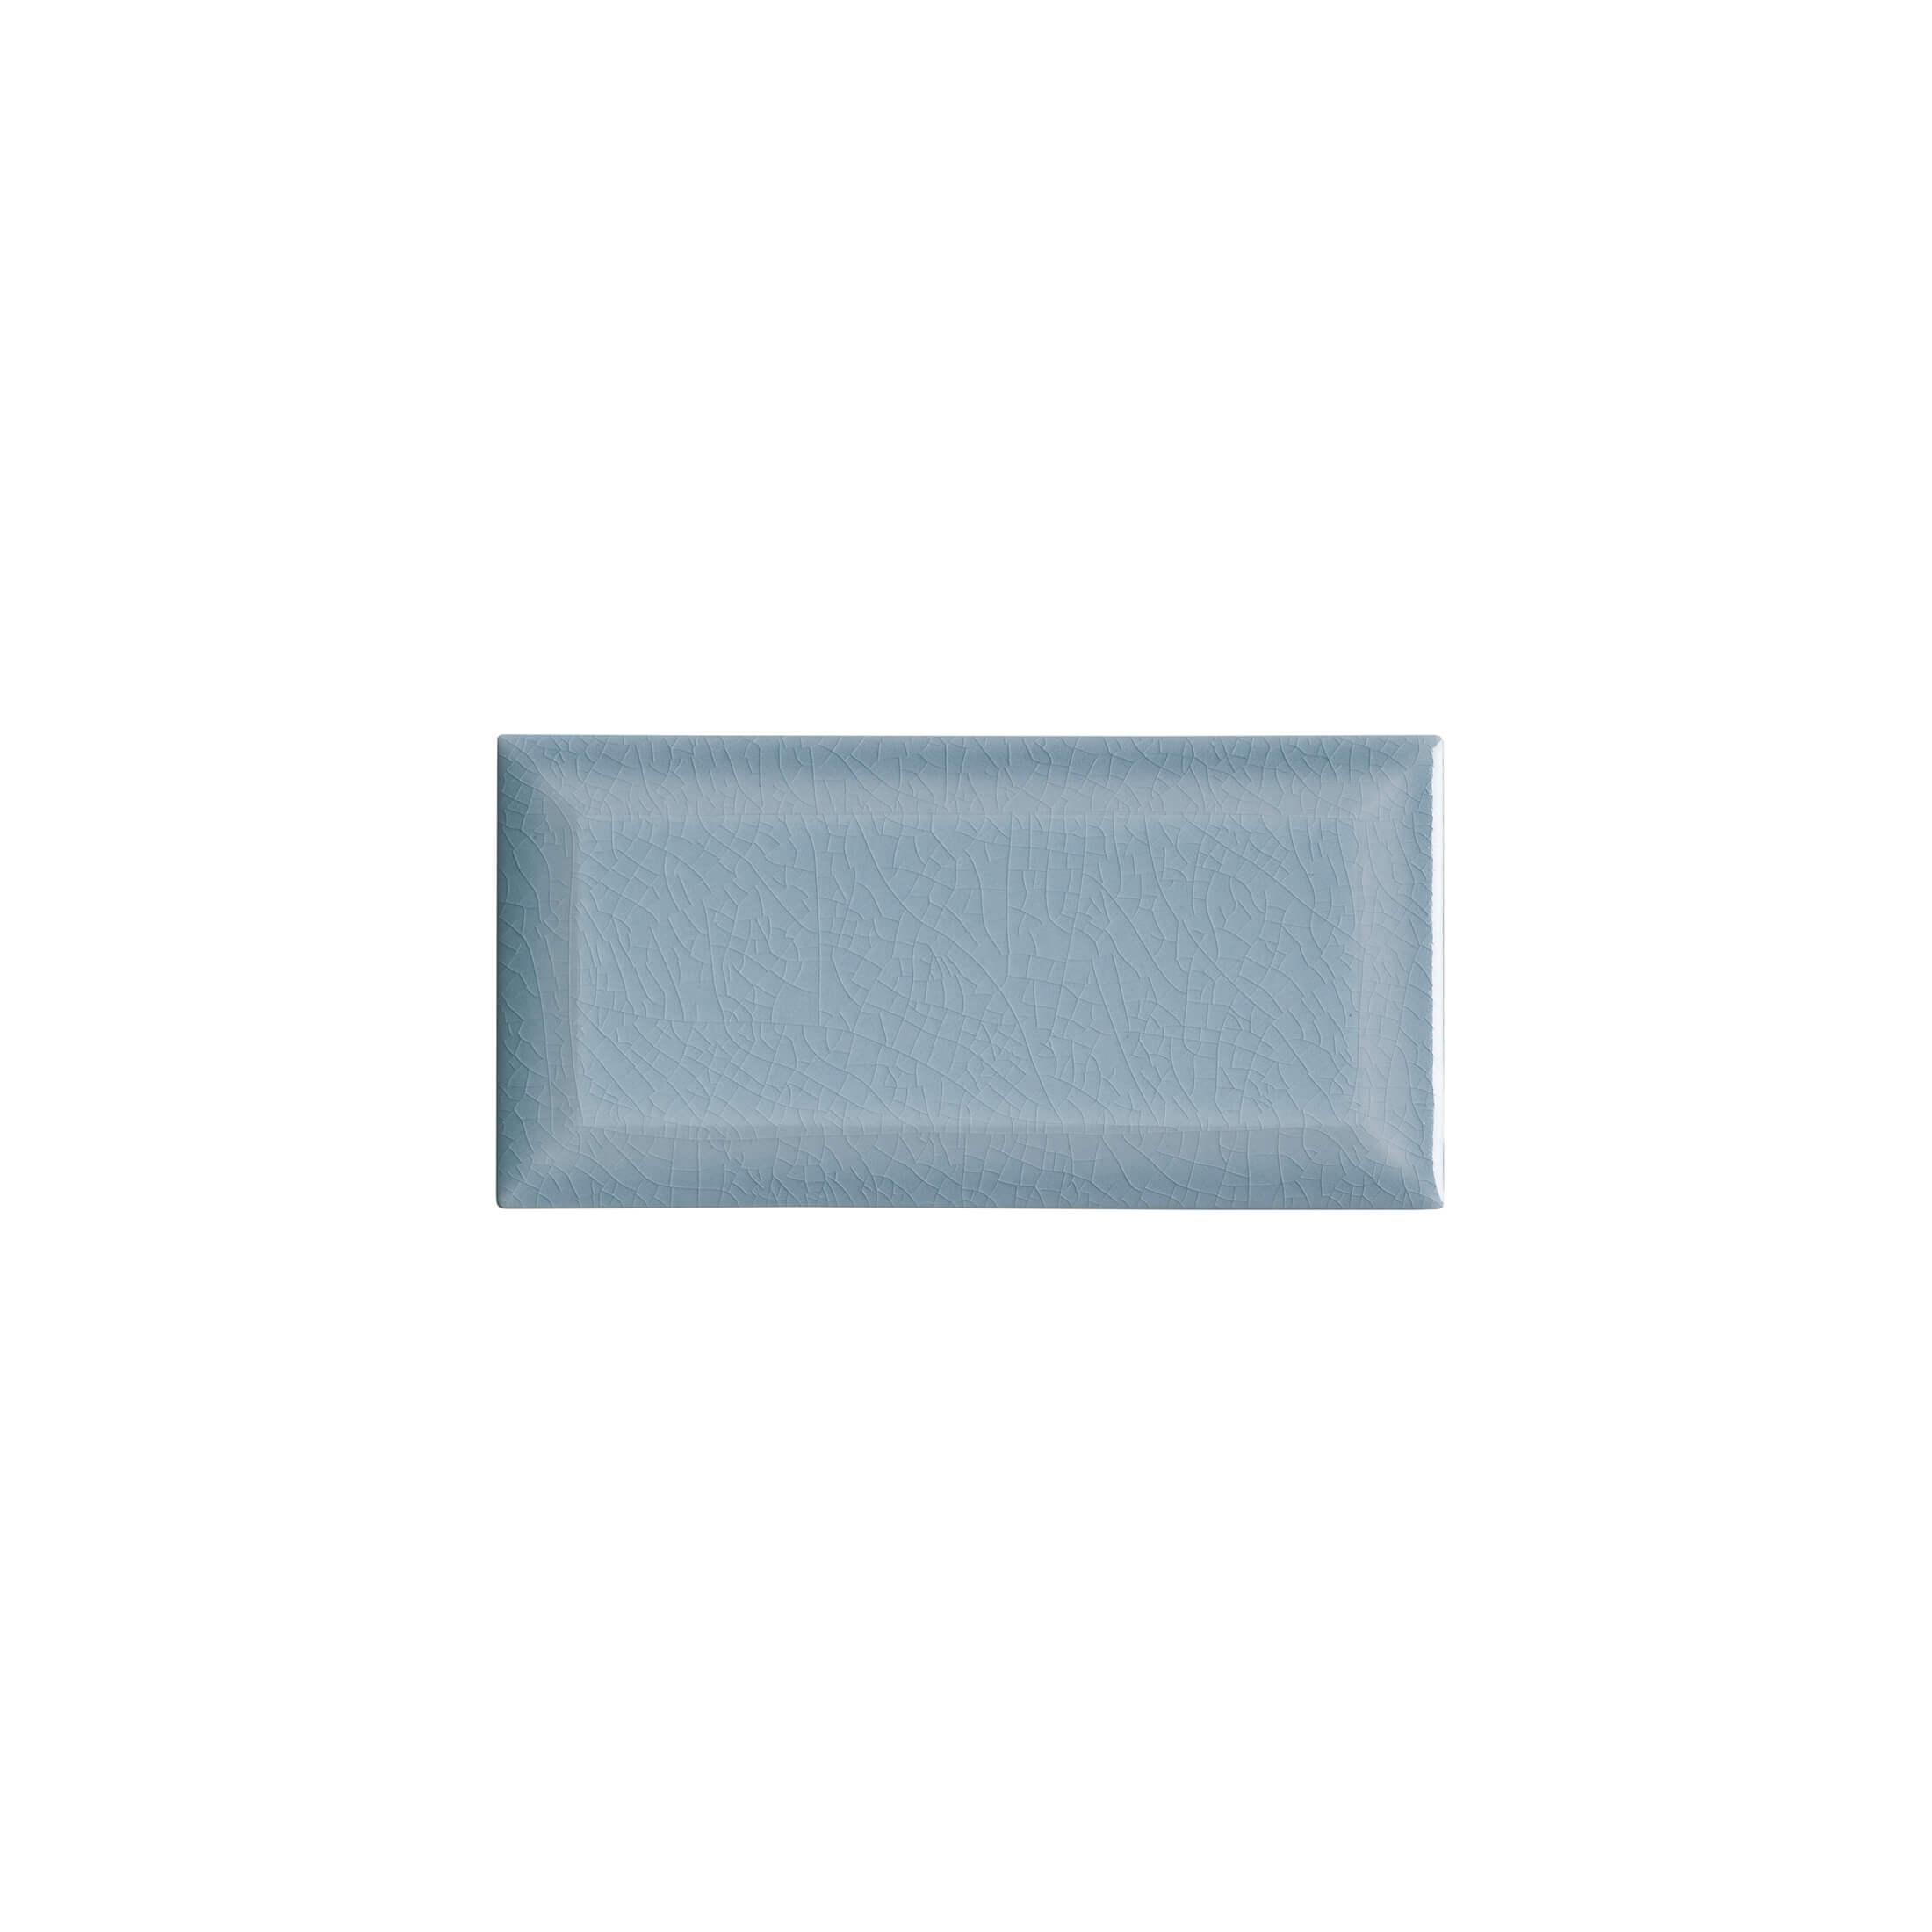 ADMO2044 - BISELADO PB C/C - 7.5 cm X 15 cm